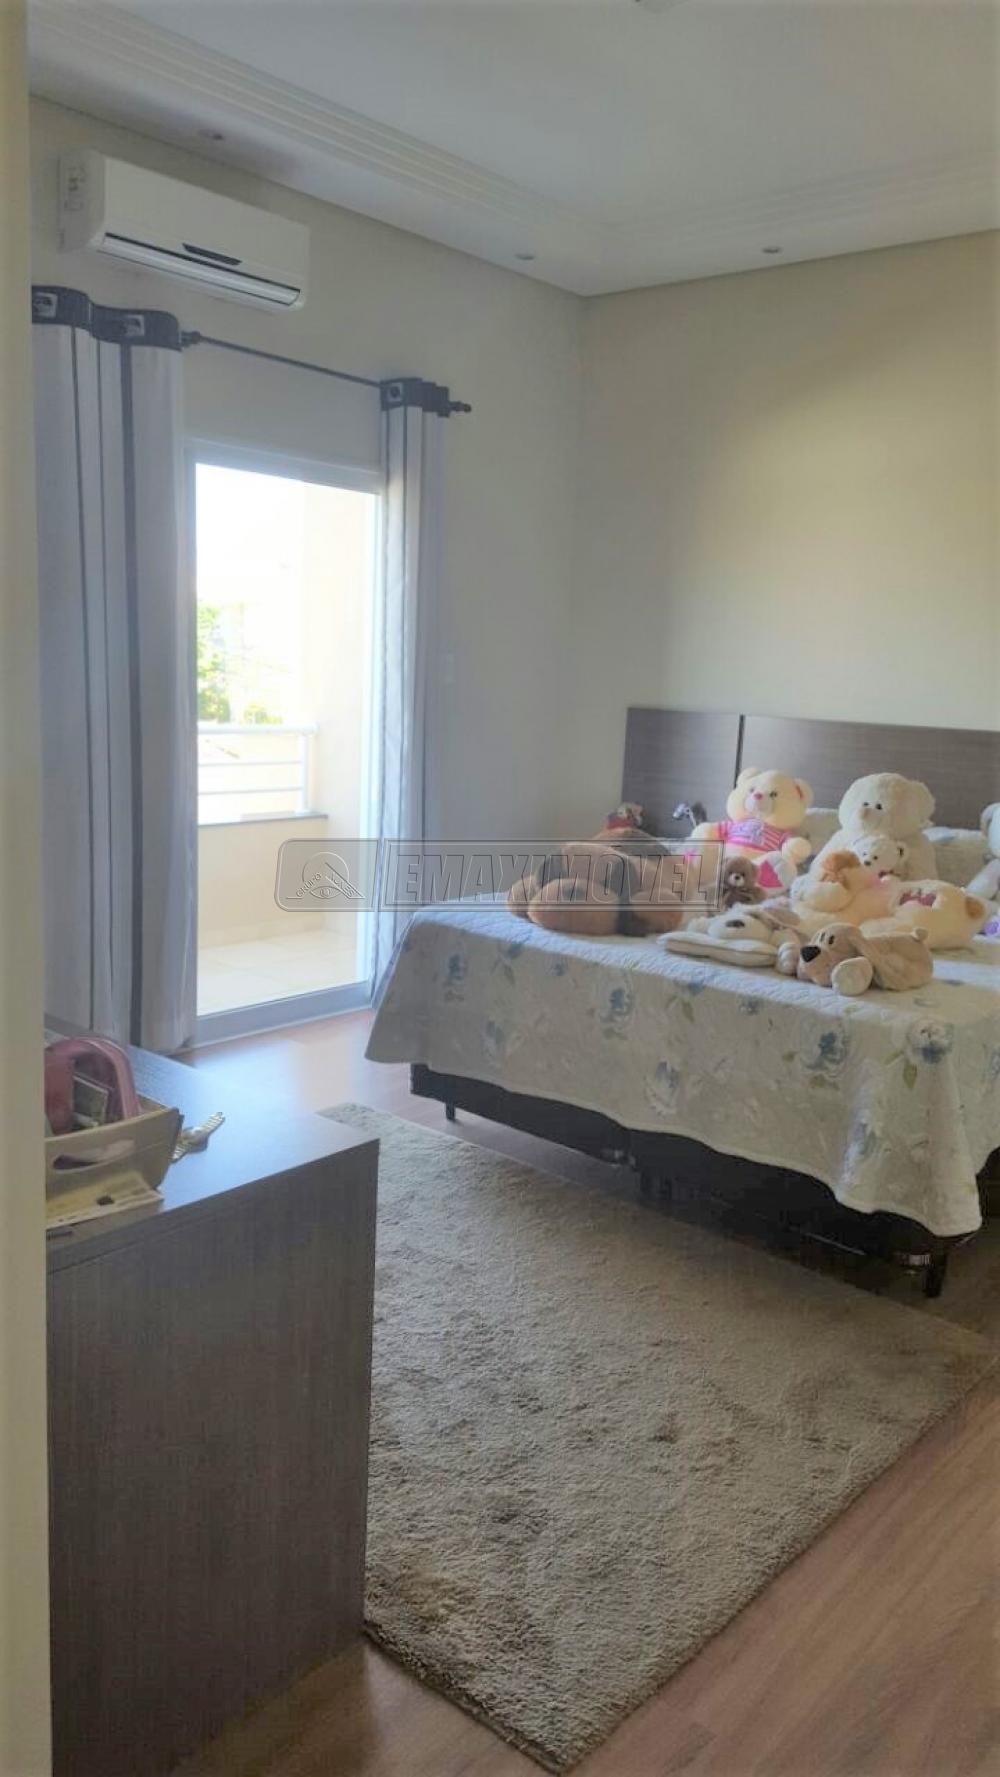 Alugar Casas / em Condomínios em Sorocaba apenas R$ 4.400,00 - Foto 8